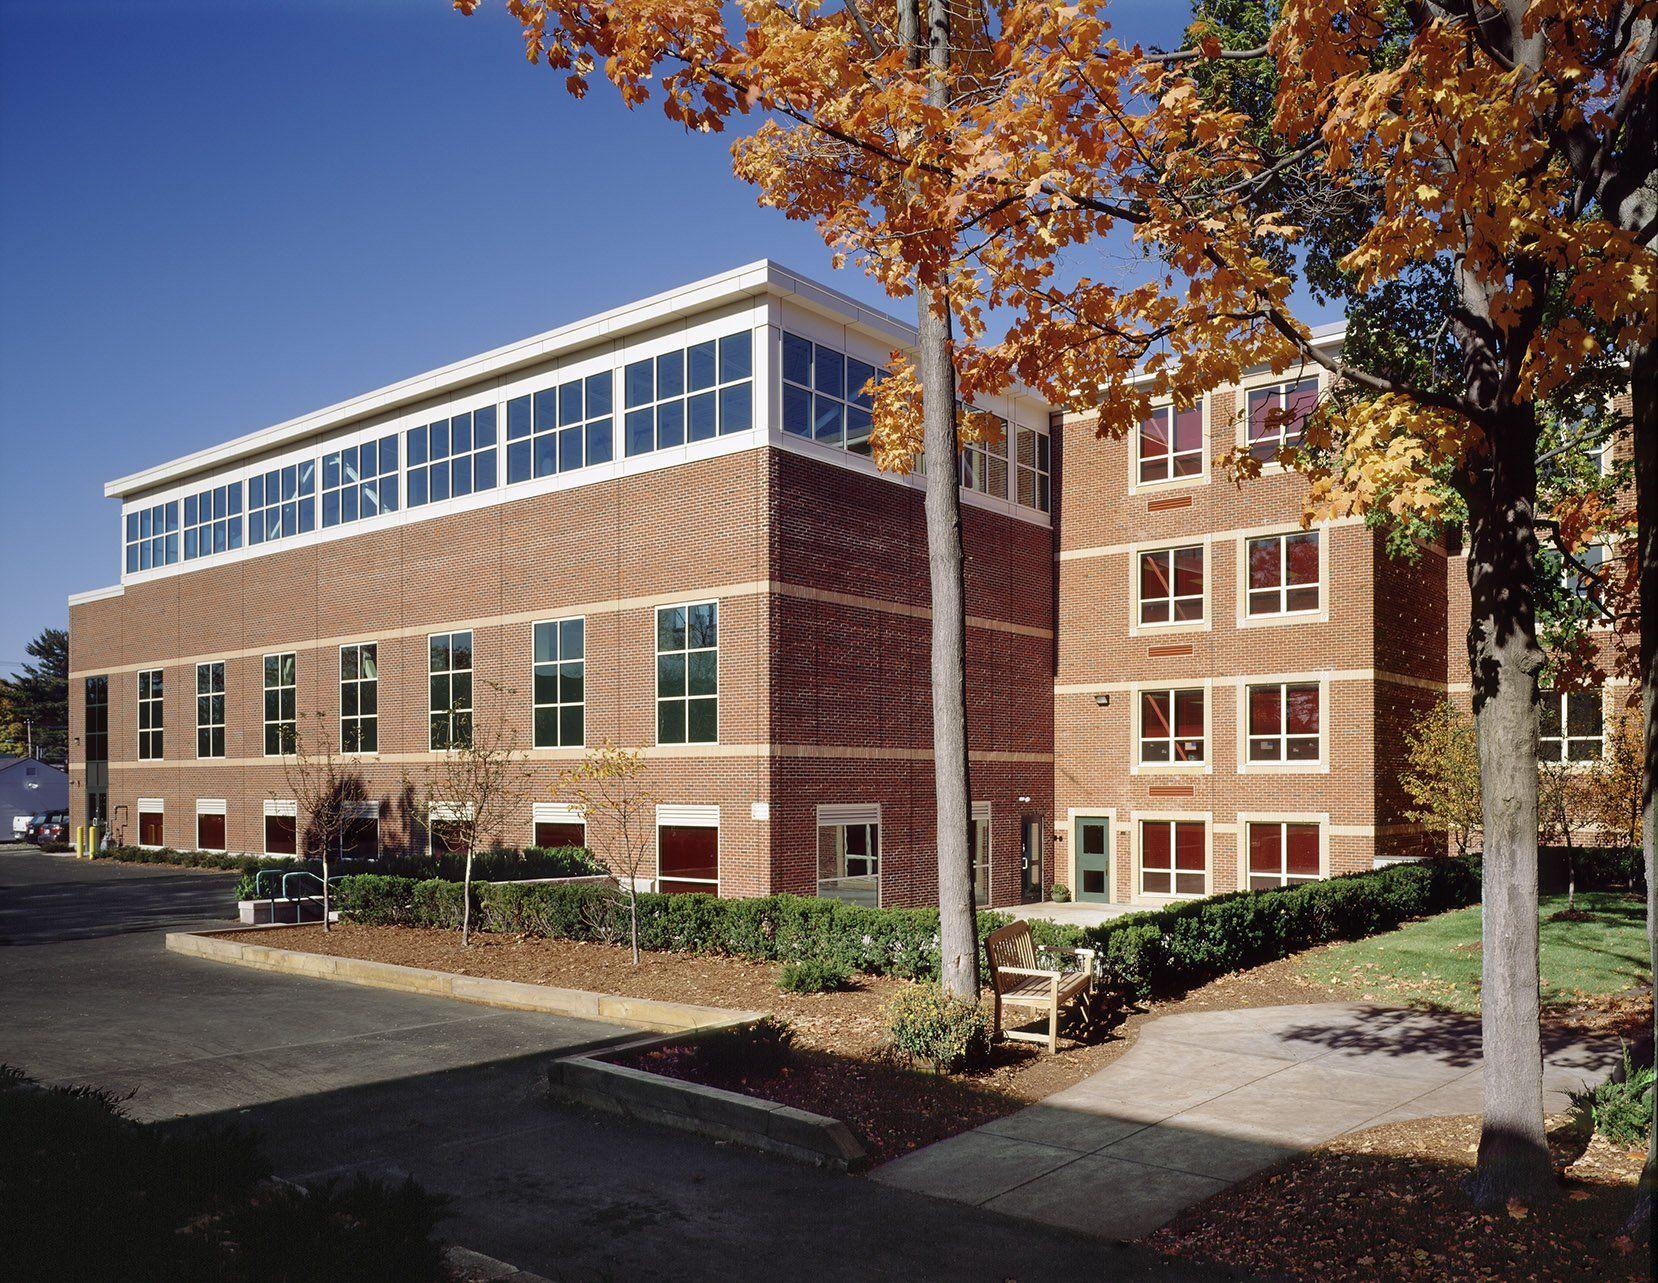 St. Joseph's Elementary School, Exterior view